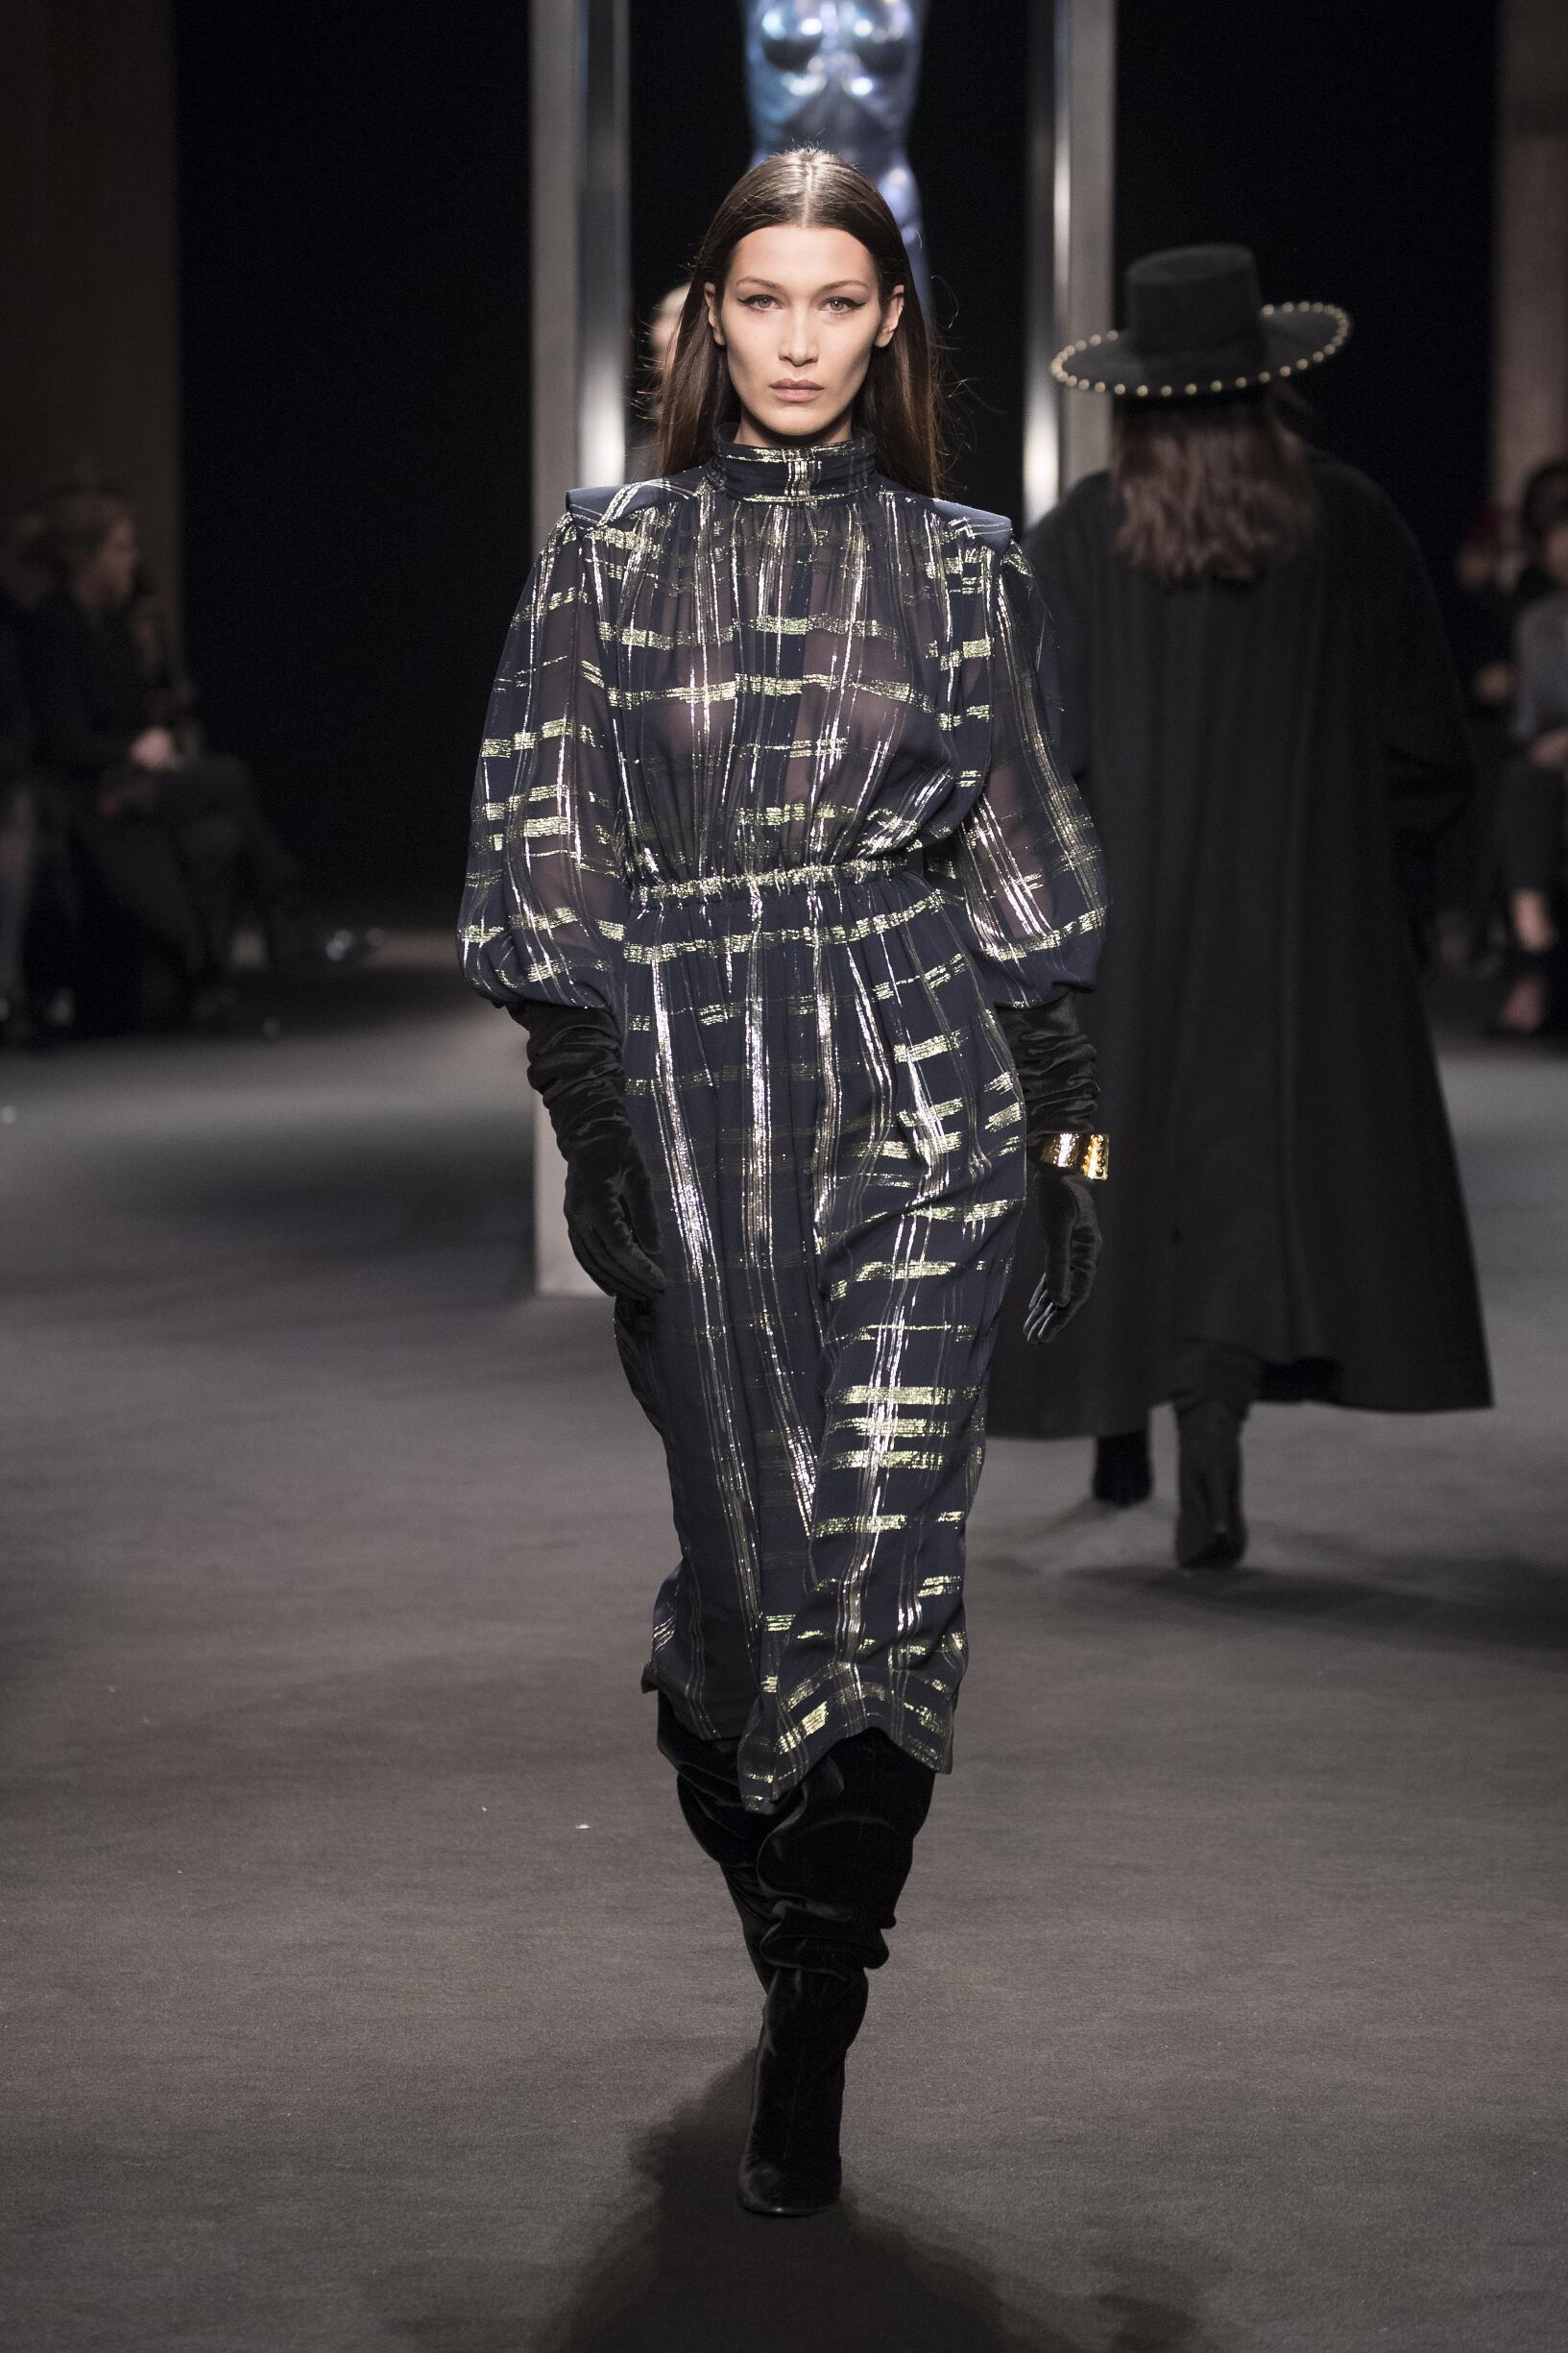 Winter 2018 Fashion Trends Alberta Ferretti